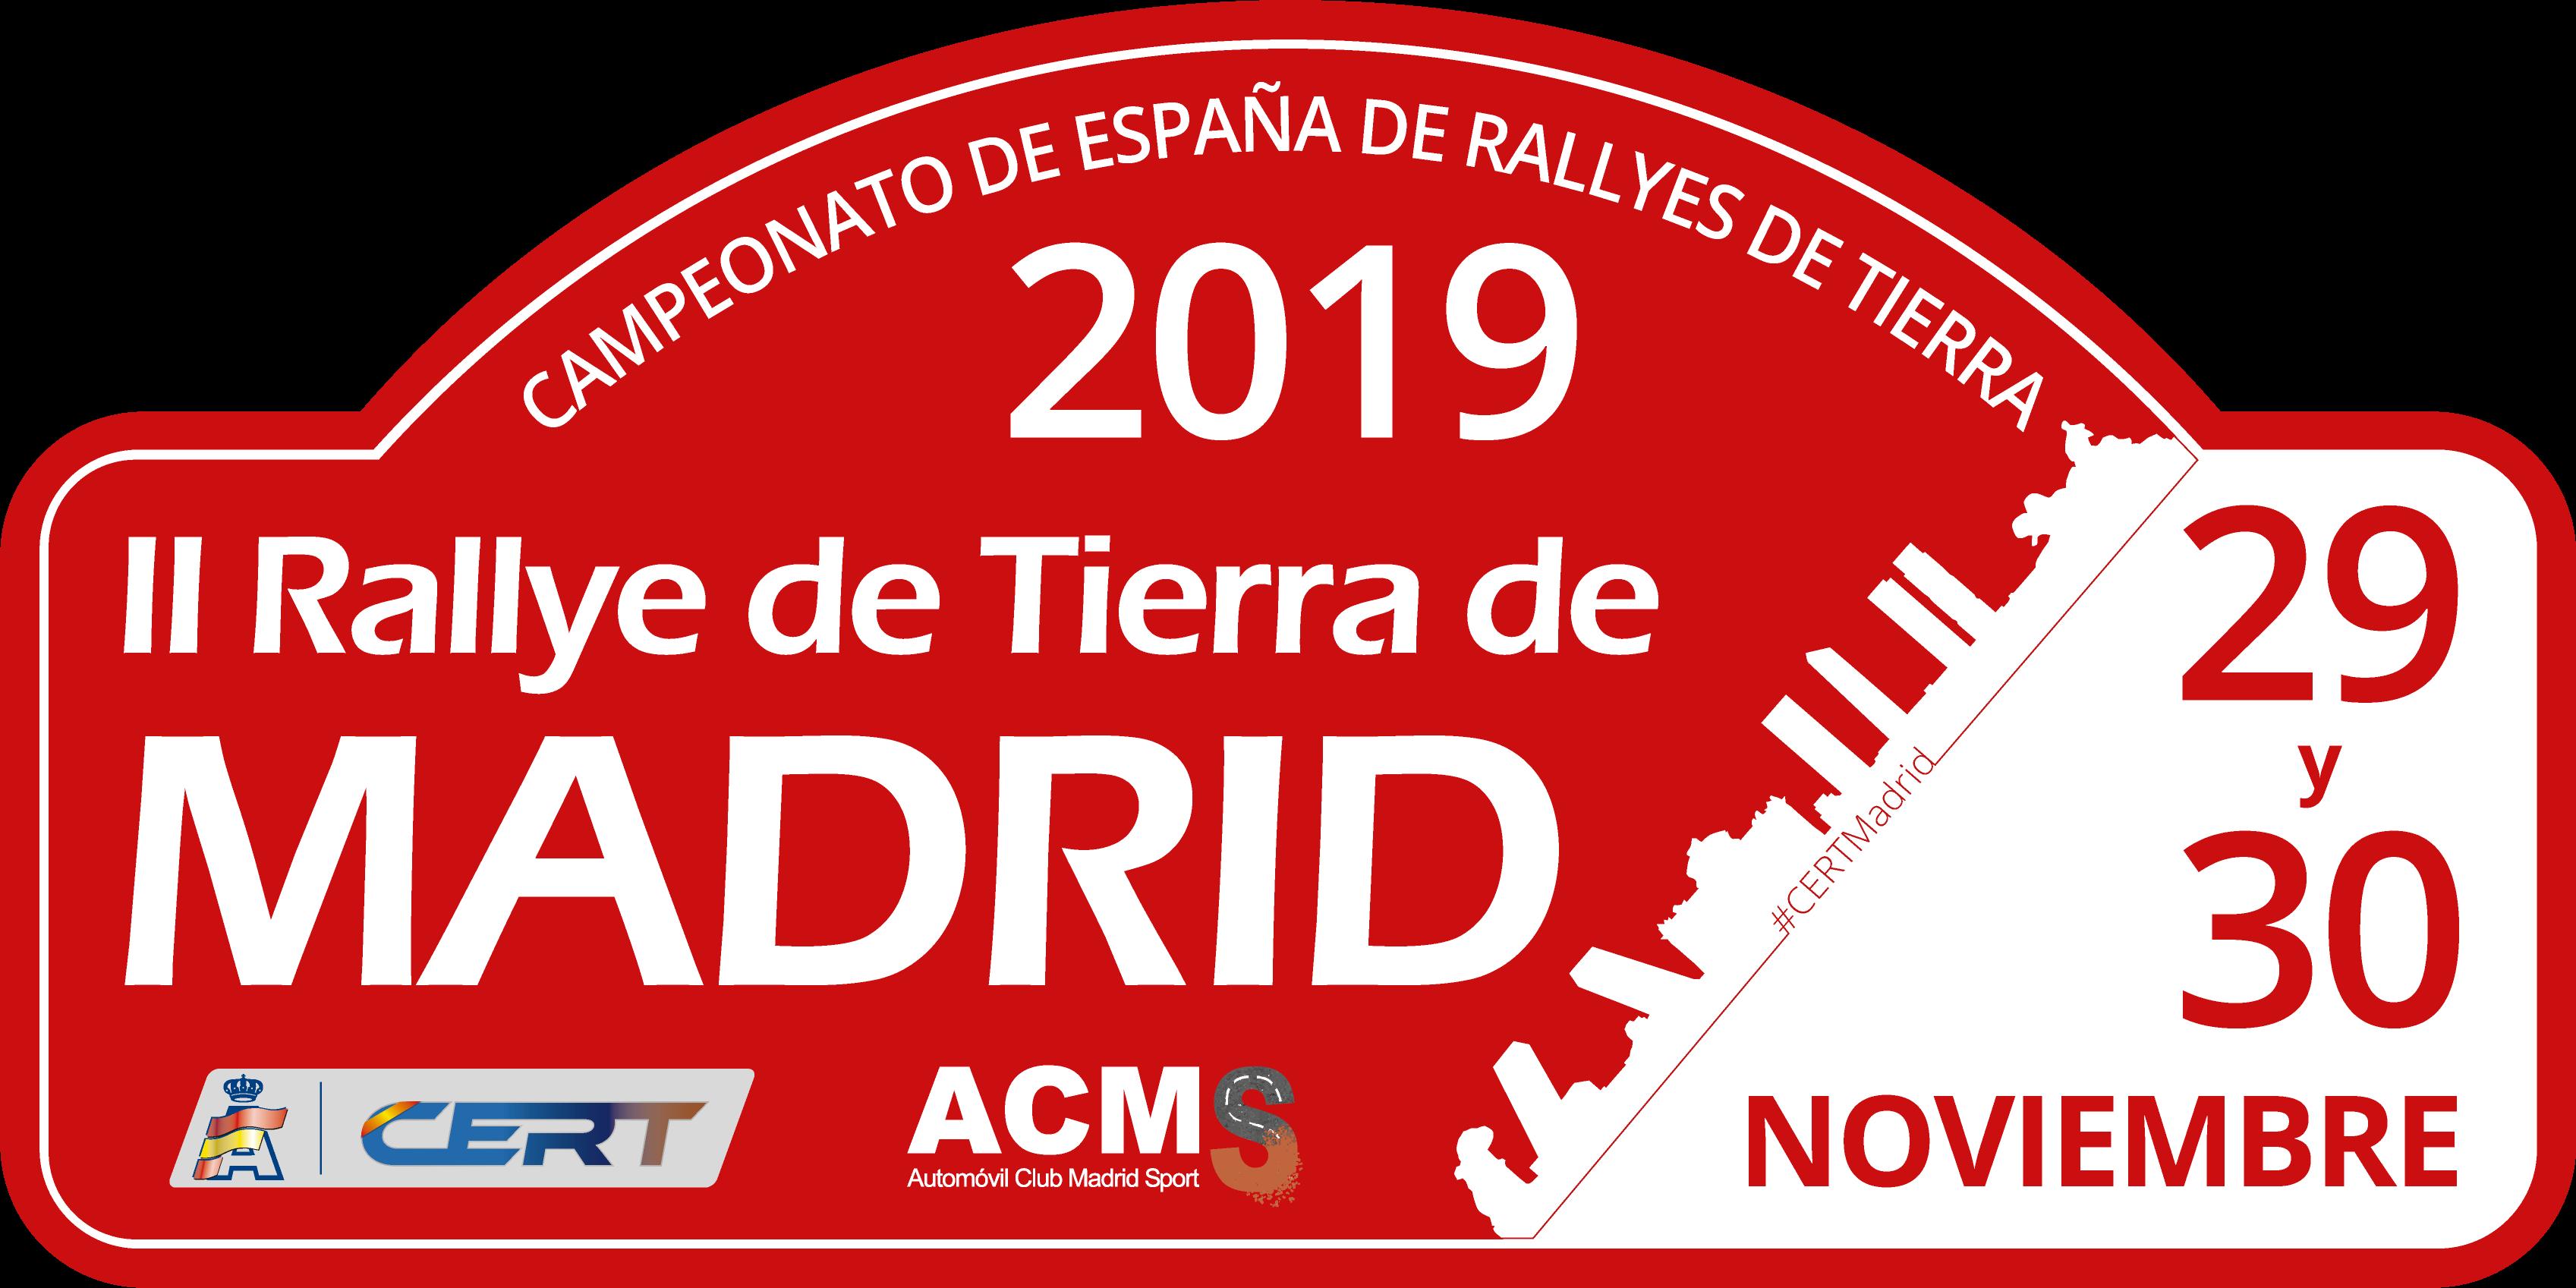 Durán y Gismero séptimos de su clase Rallye de Tierra de Madrid